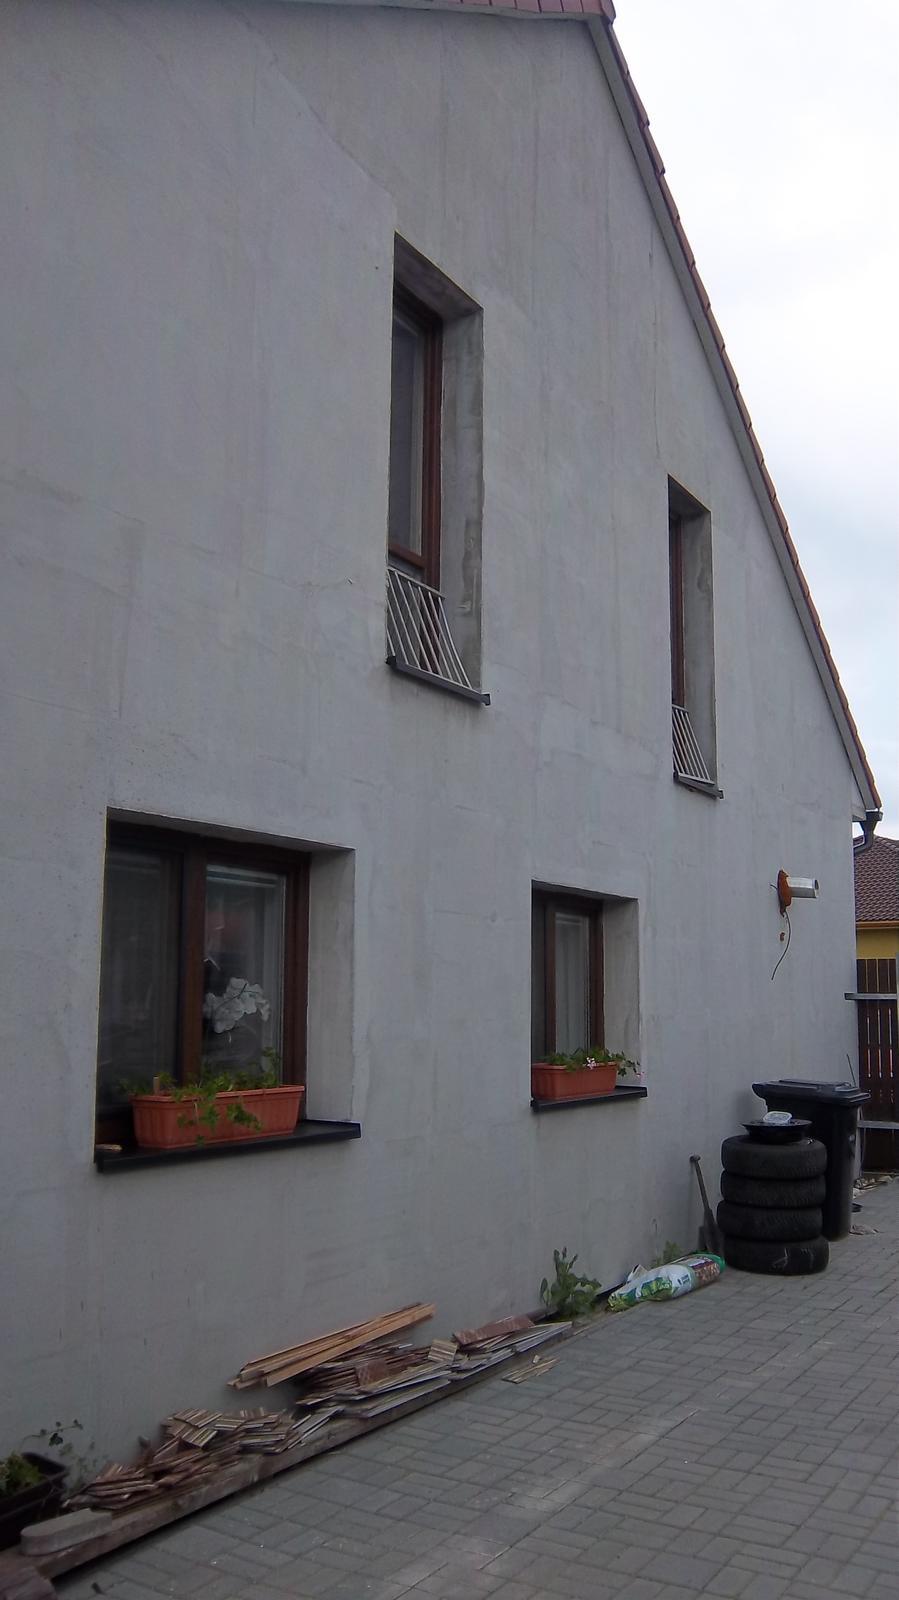 Kámen na fasádu a do obýváku - inspirace - Obrázek č. 94